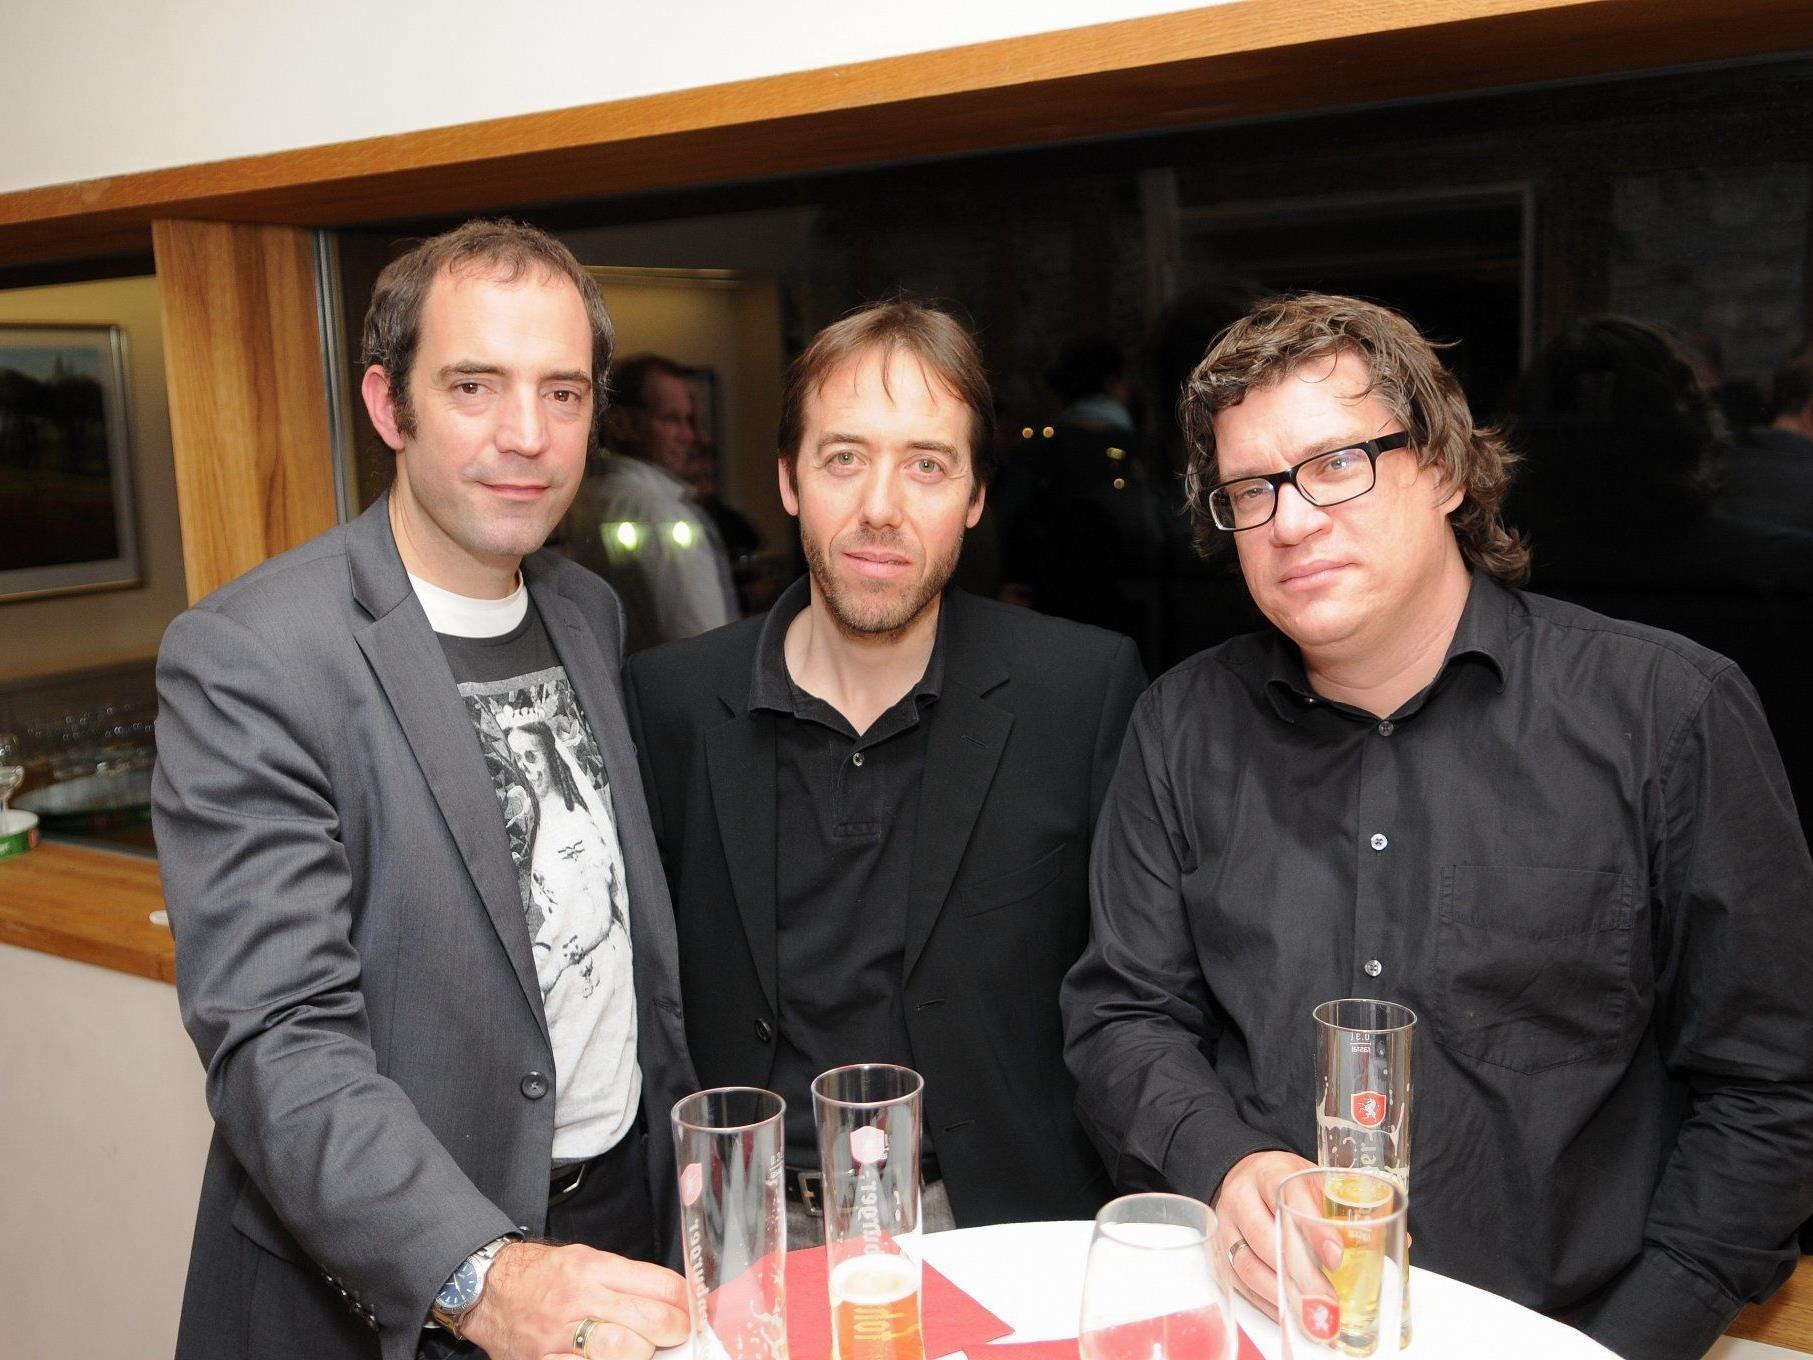 Kultur-, Tourismus- und Marketing-Experten an einem Tisch: Edgar Eller, Dietmar Nussbaumer und Dieter Heidegger.